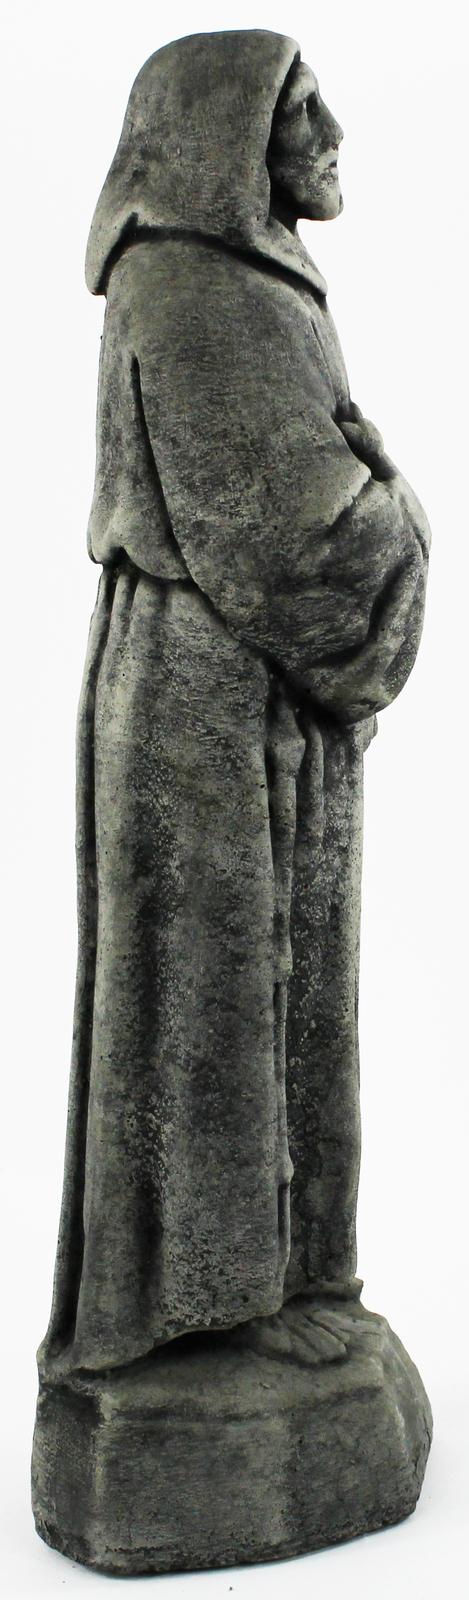 Saint Francis Concrete Statue